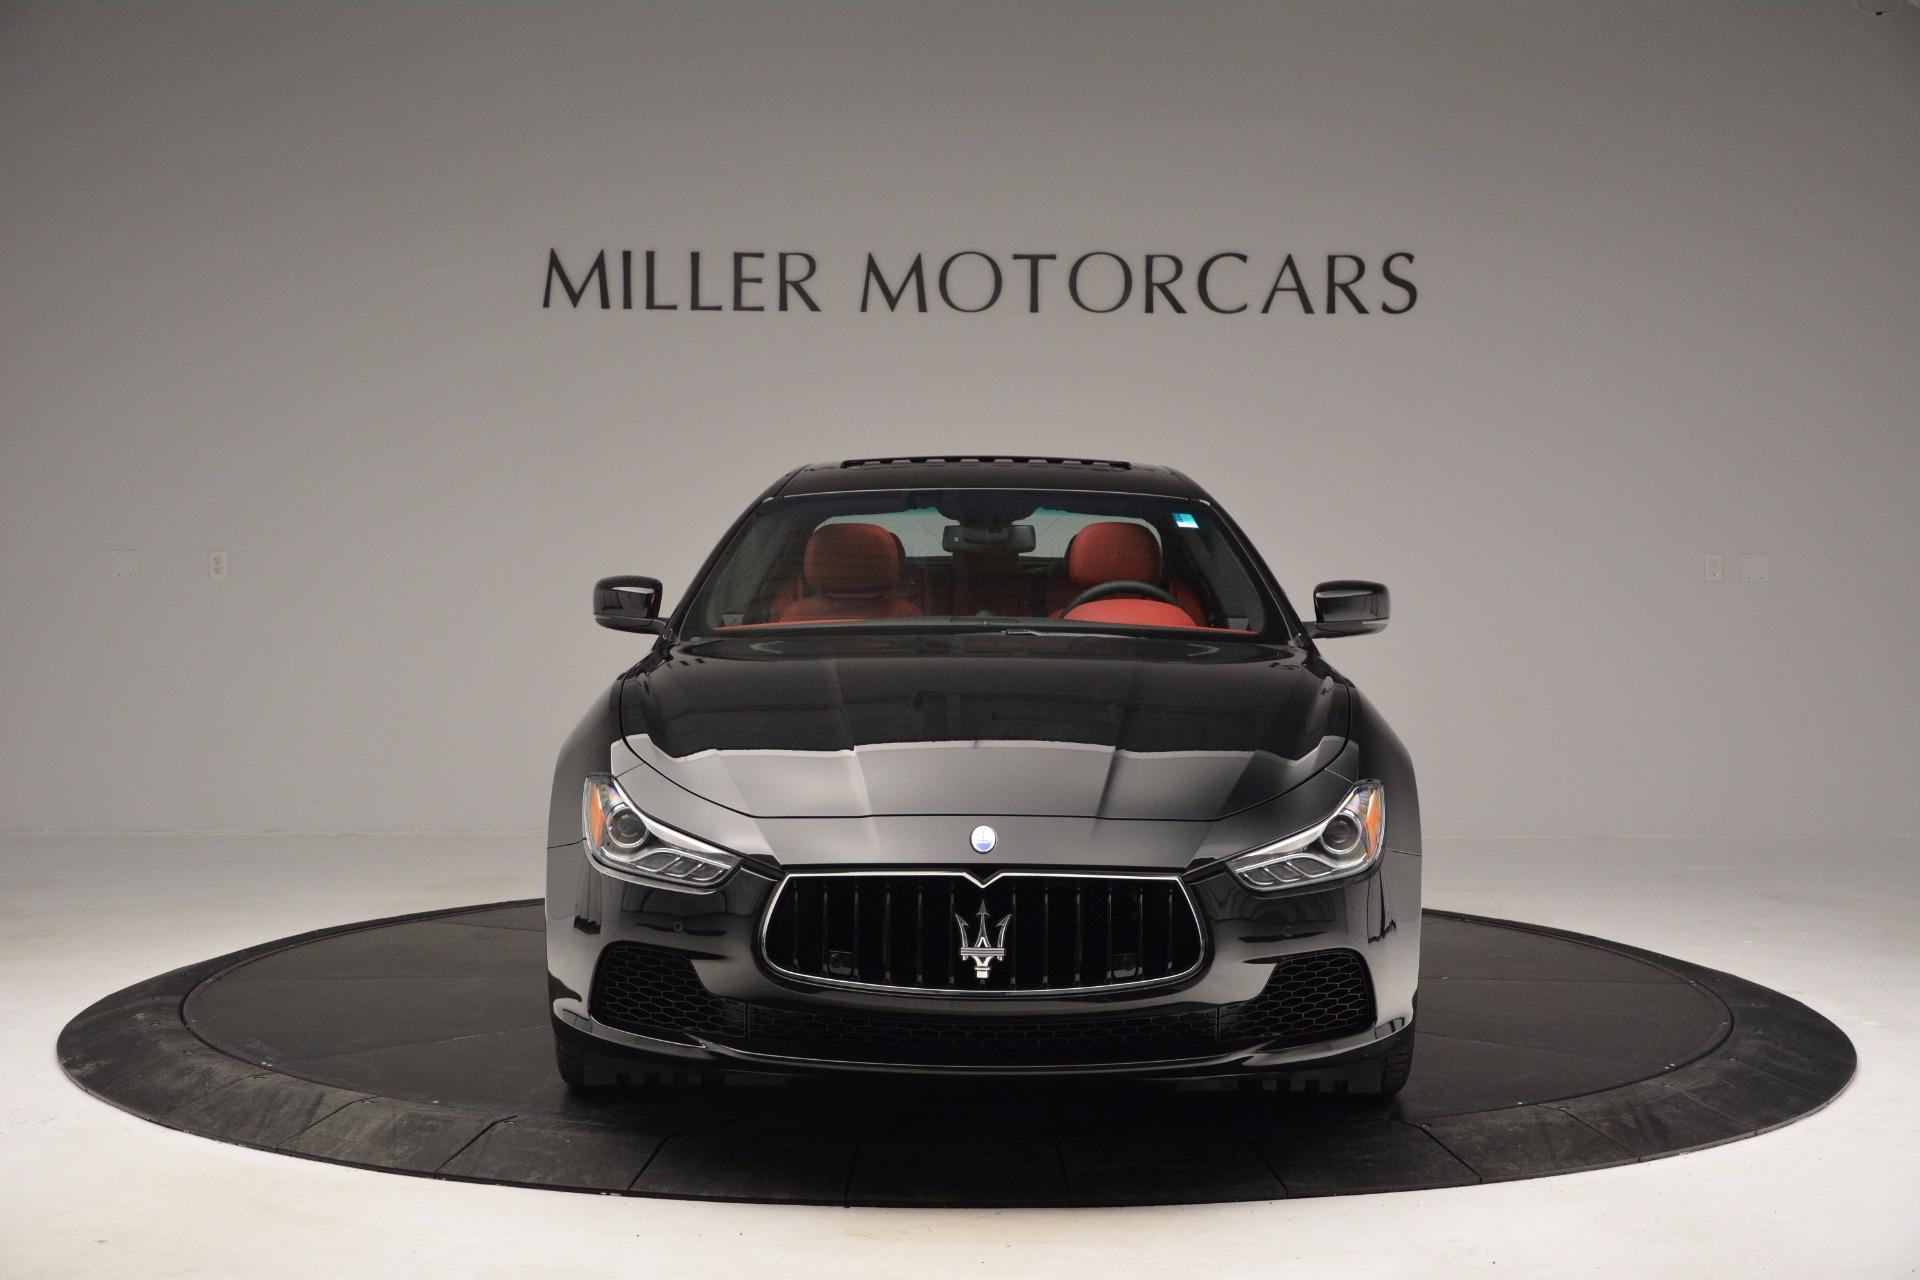 New 2017 Maserati Ghibli SQ4 For Sale In Greenwich, CT 1086_p13